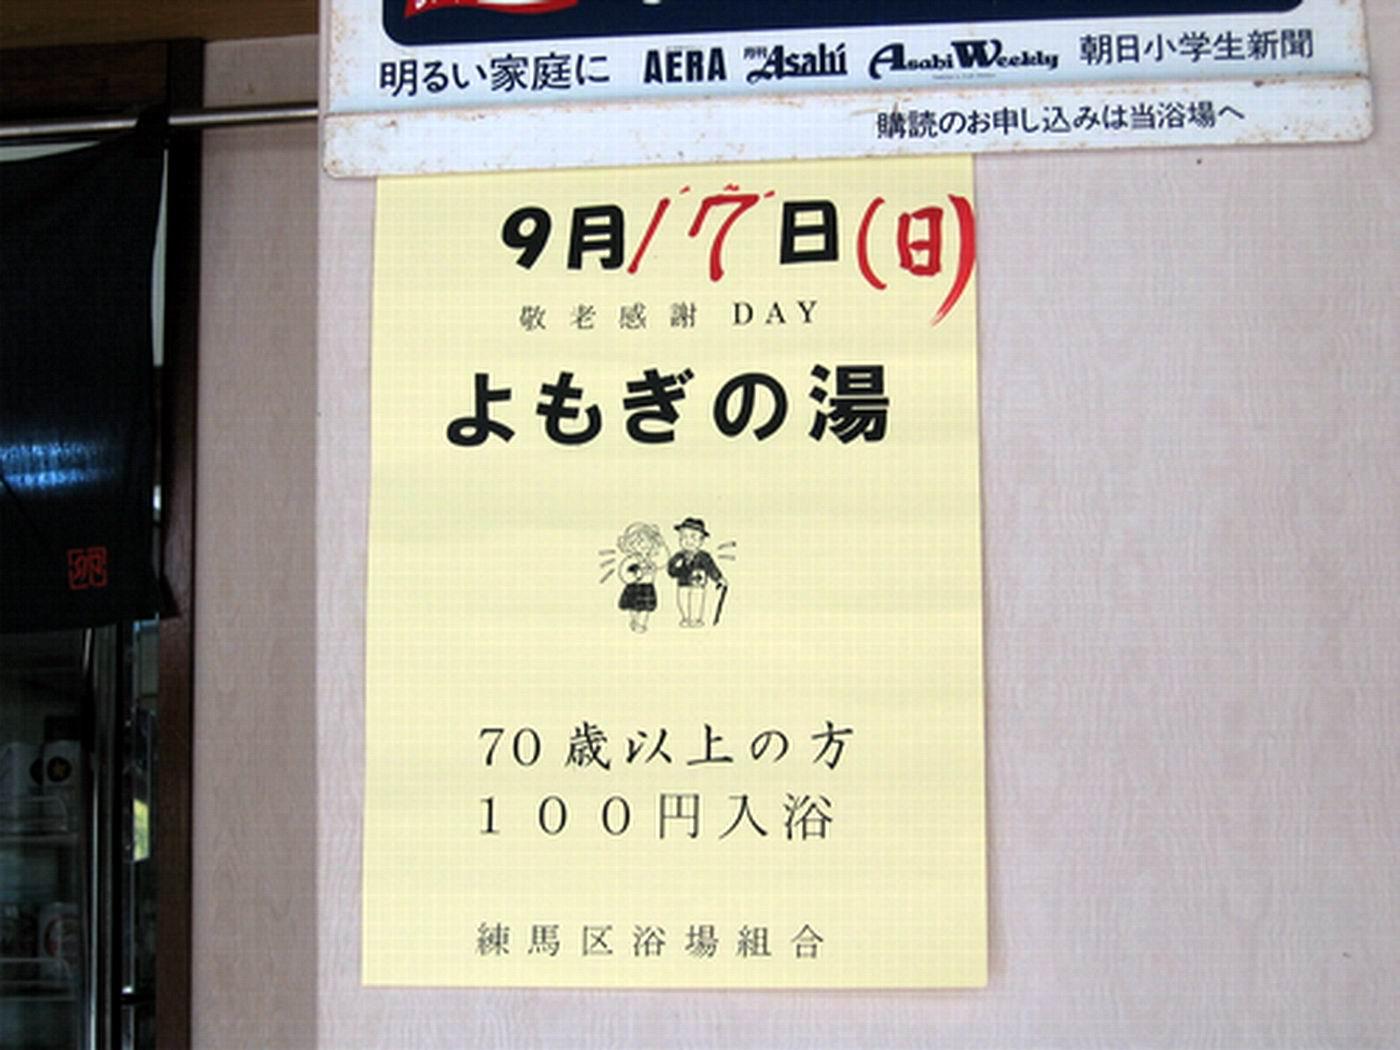 り紙2/060917.JPG